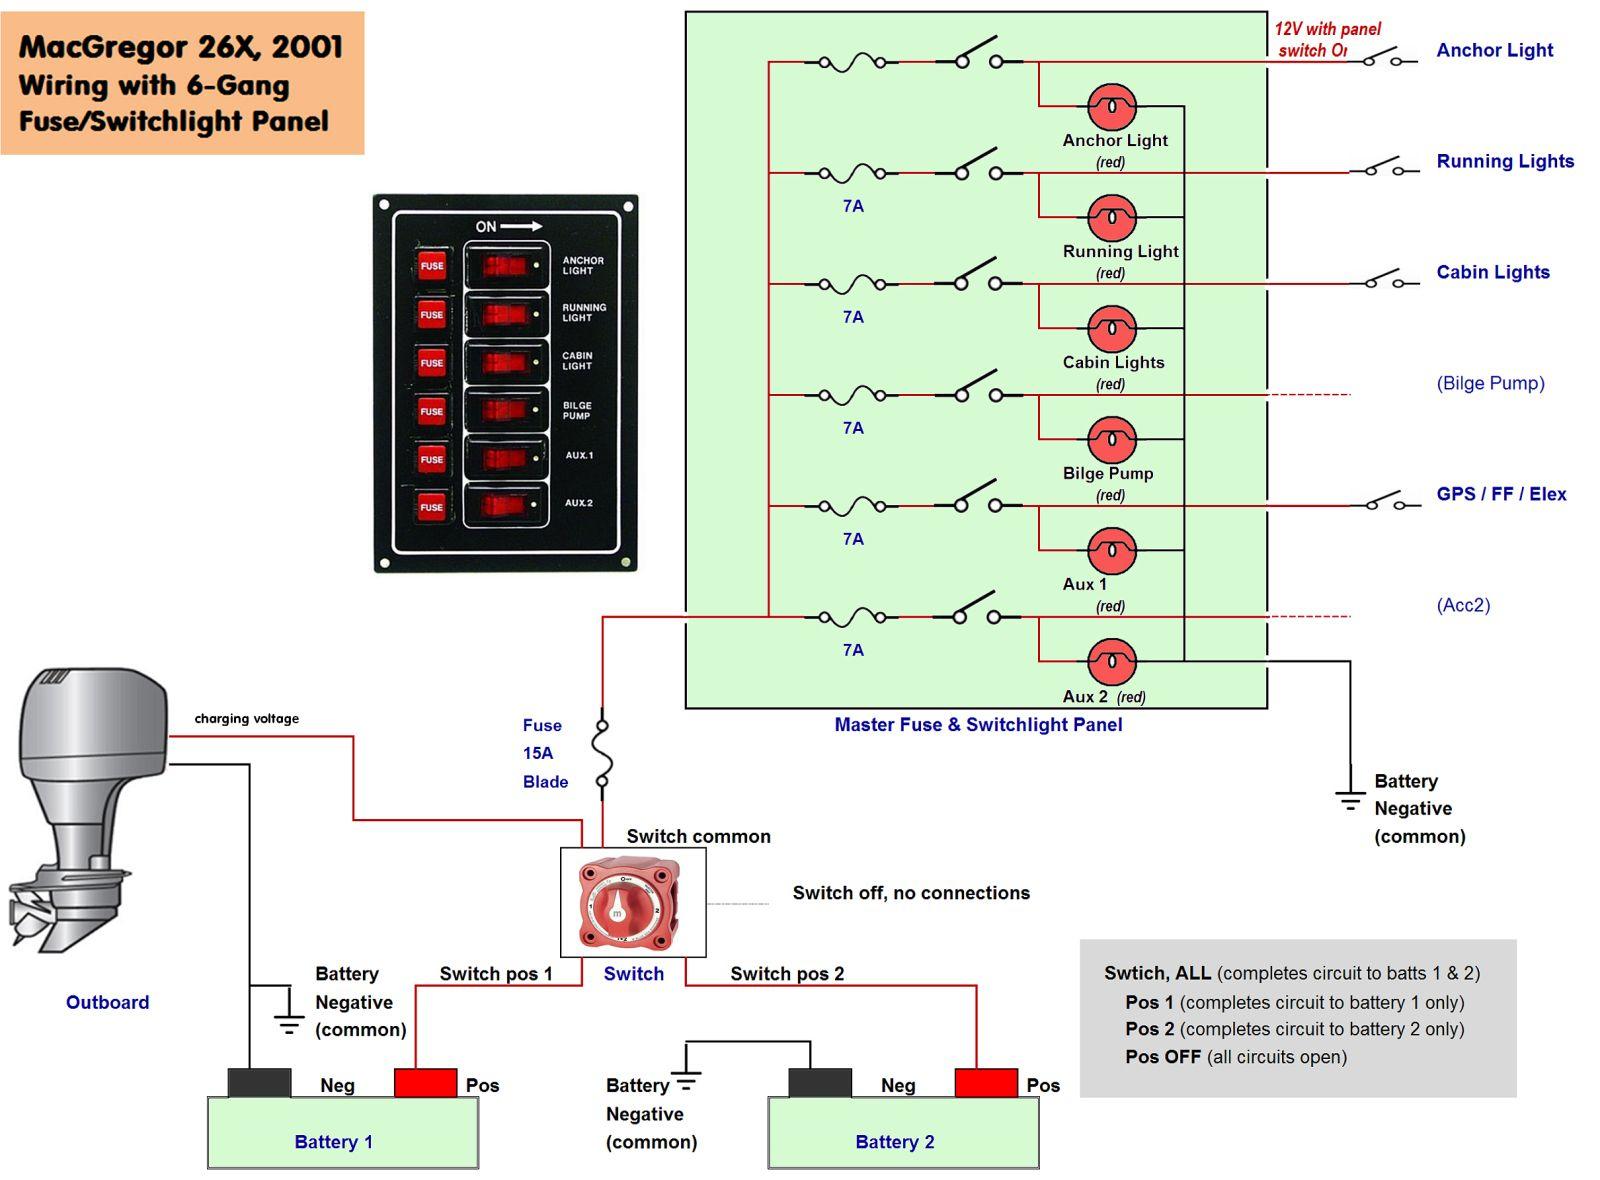 Starcraft Boat Wiring Diagram - Wiring Block Diagram - Mercruiser Wiring Diagram